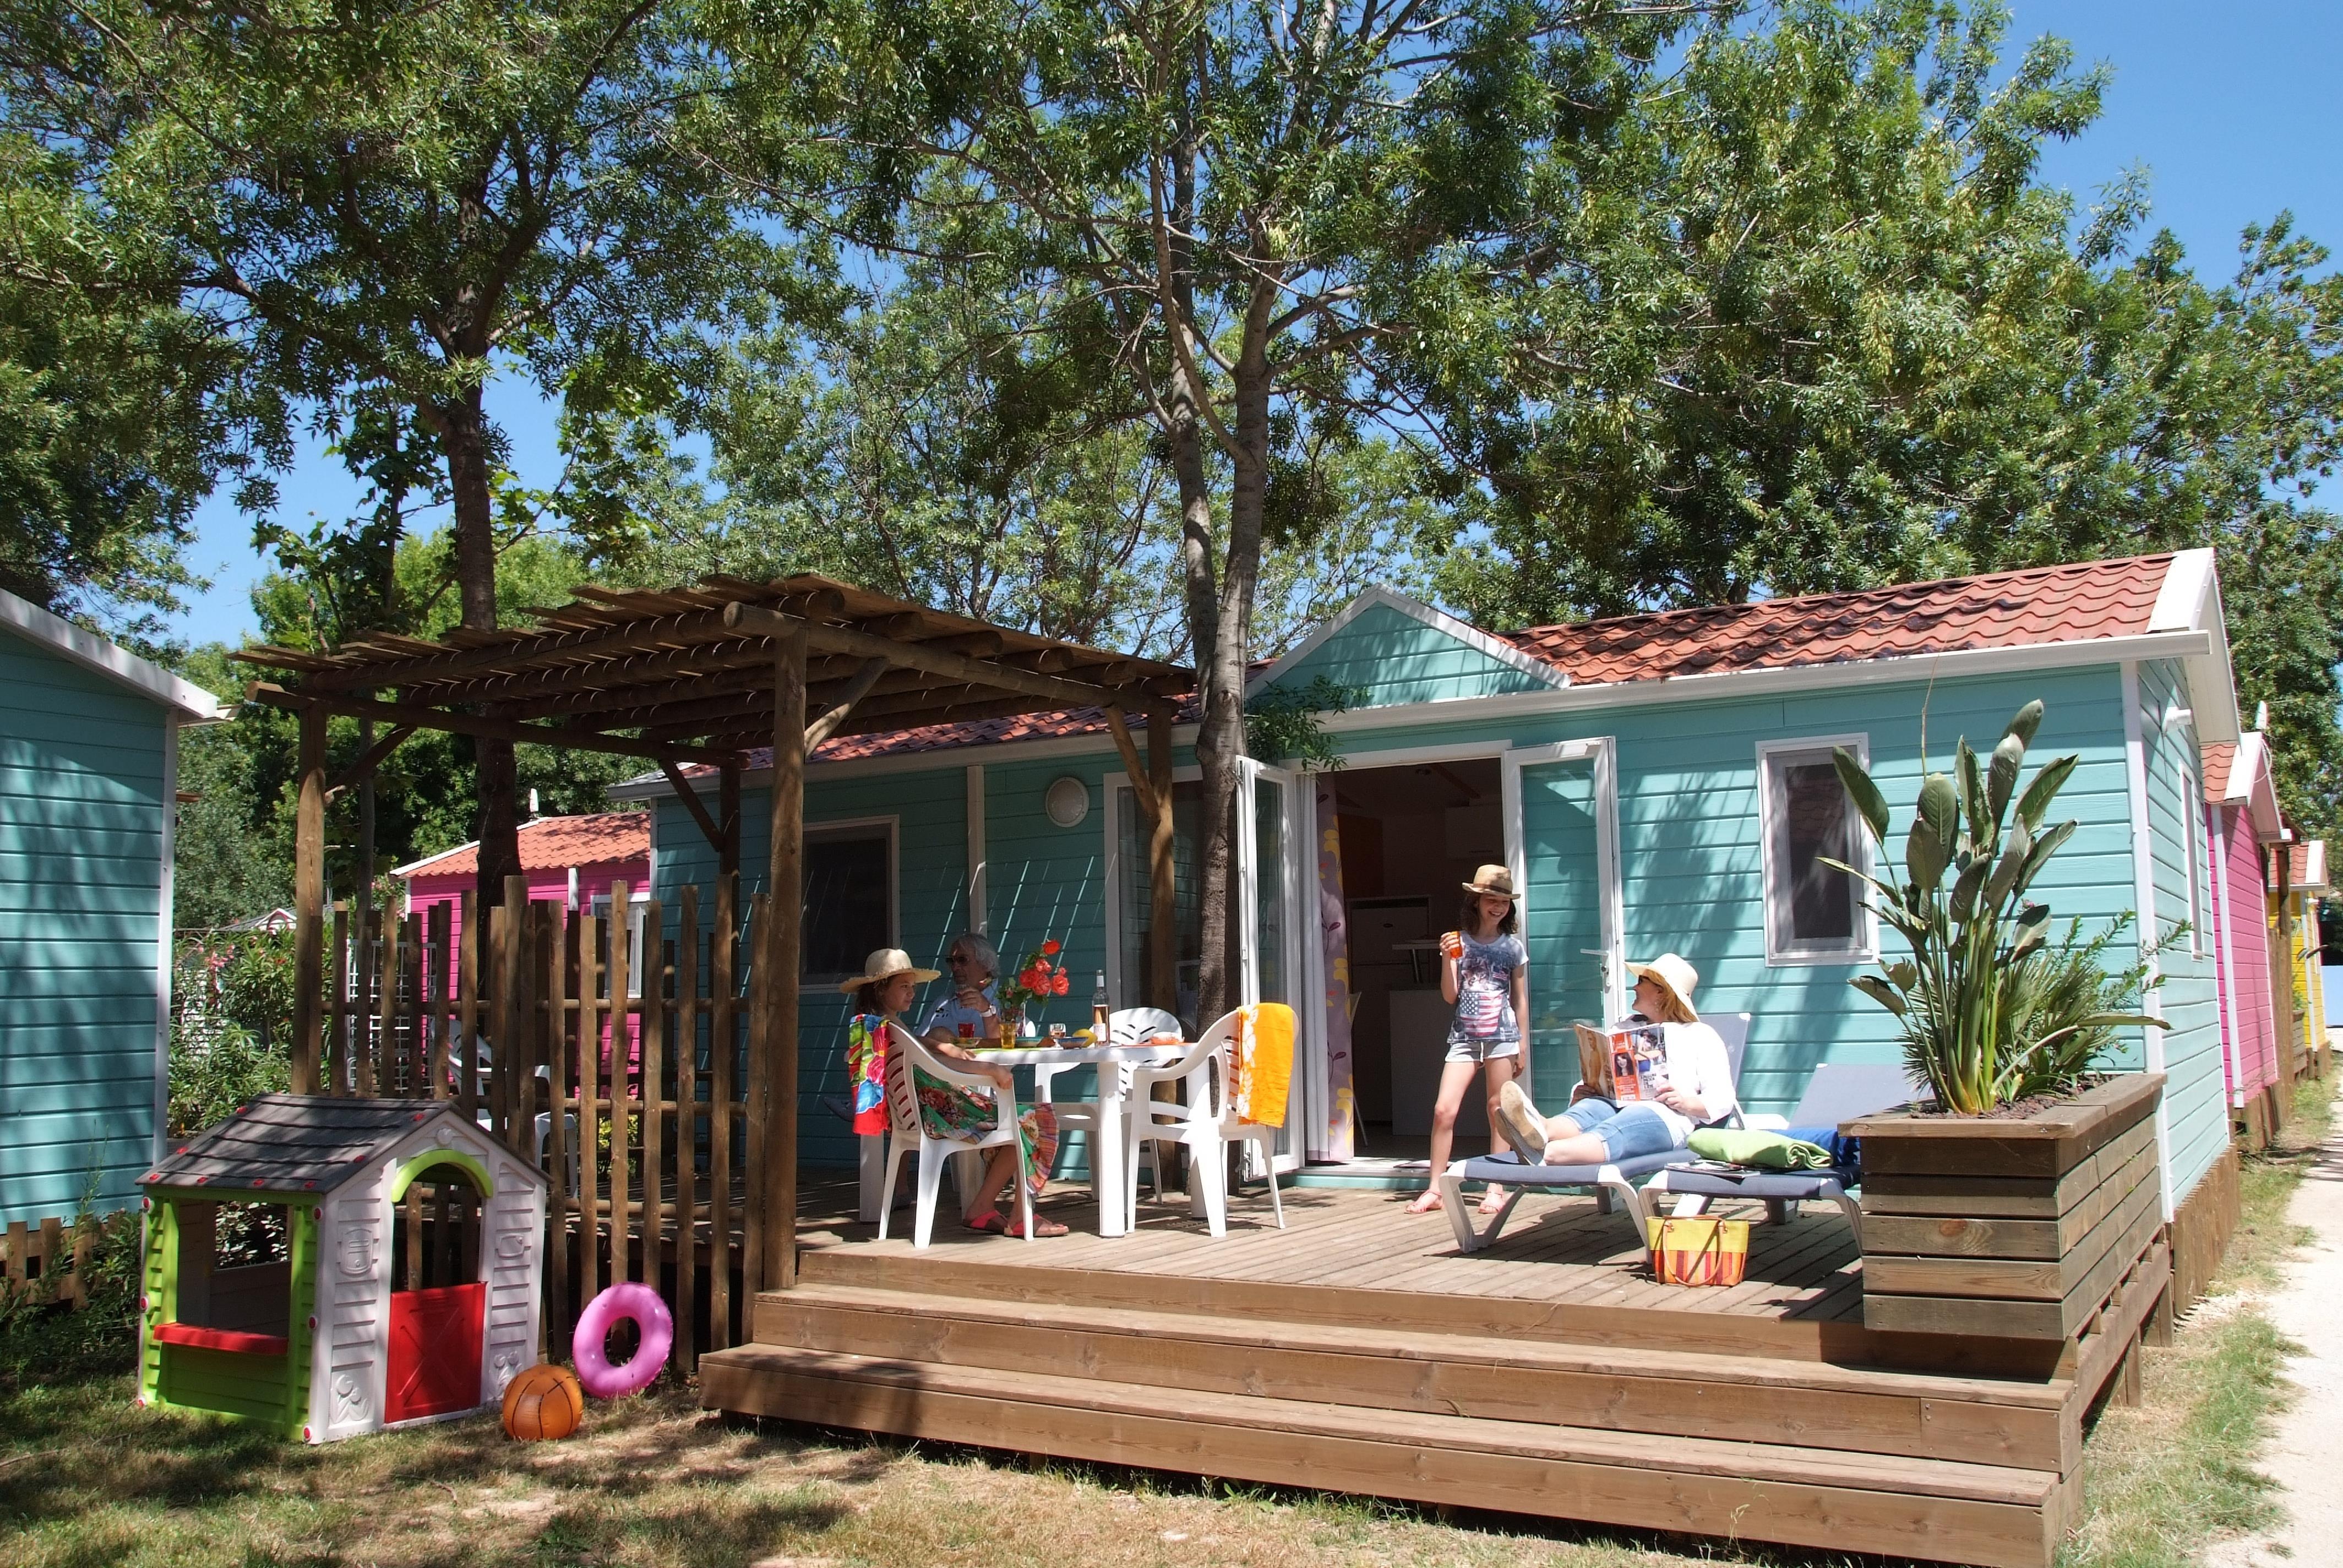 MOBIL-HOME FAMILY KIDS CLIMATISE : 2 Chambres 2 SDB (avec enfants de moins de 5 ans et 12 ans max)